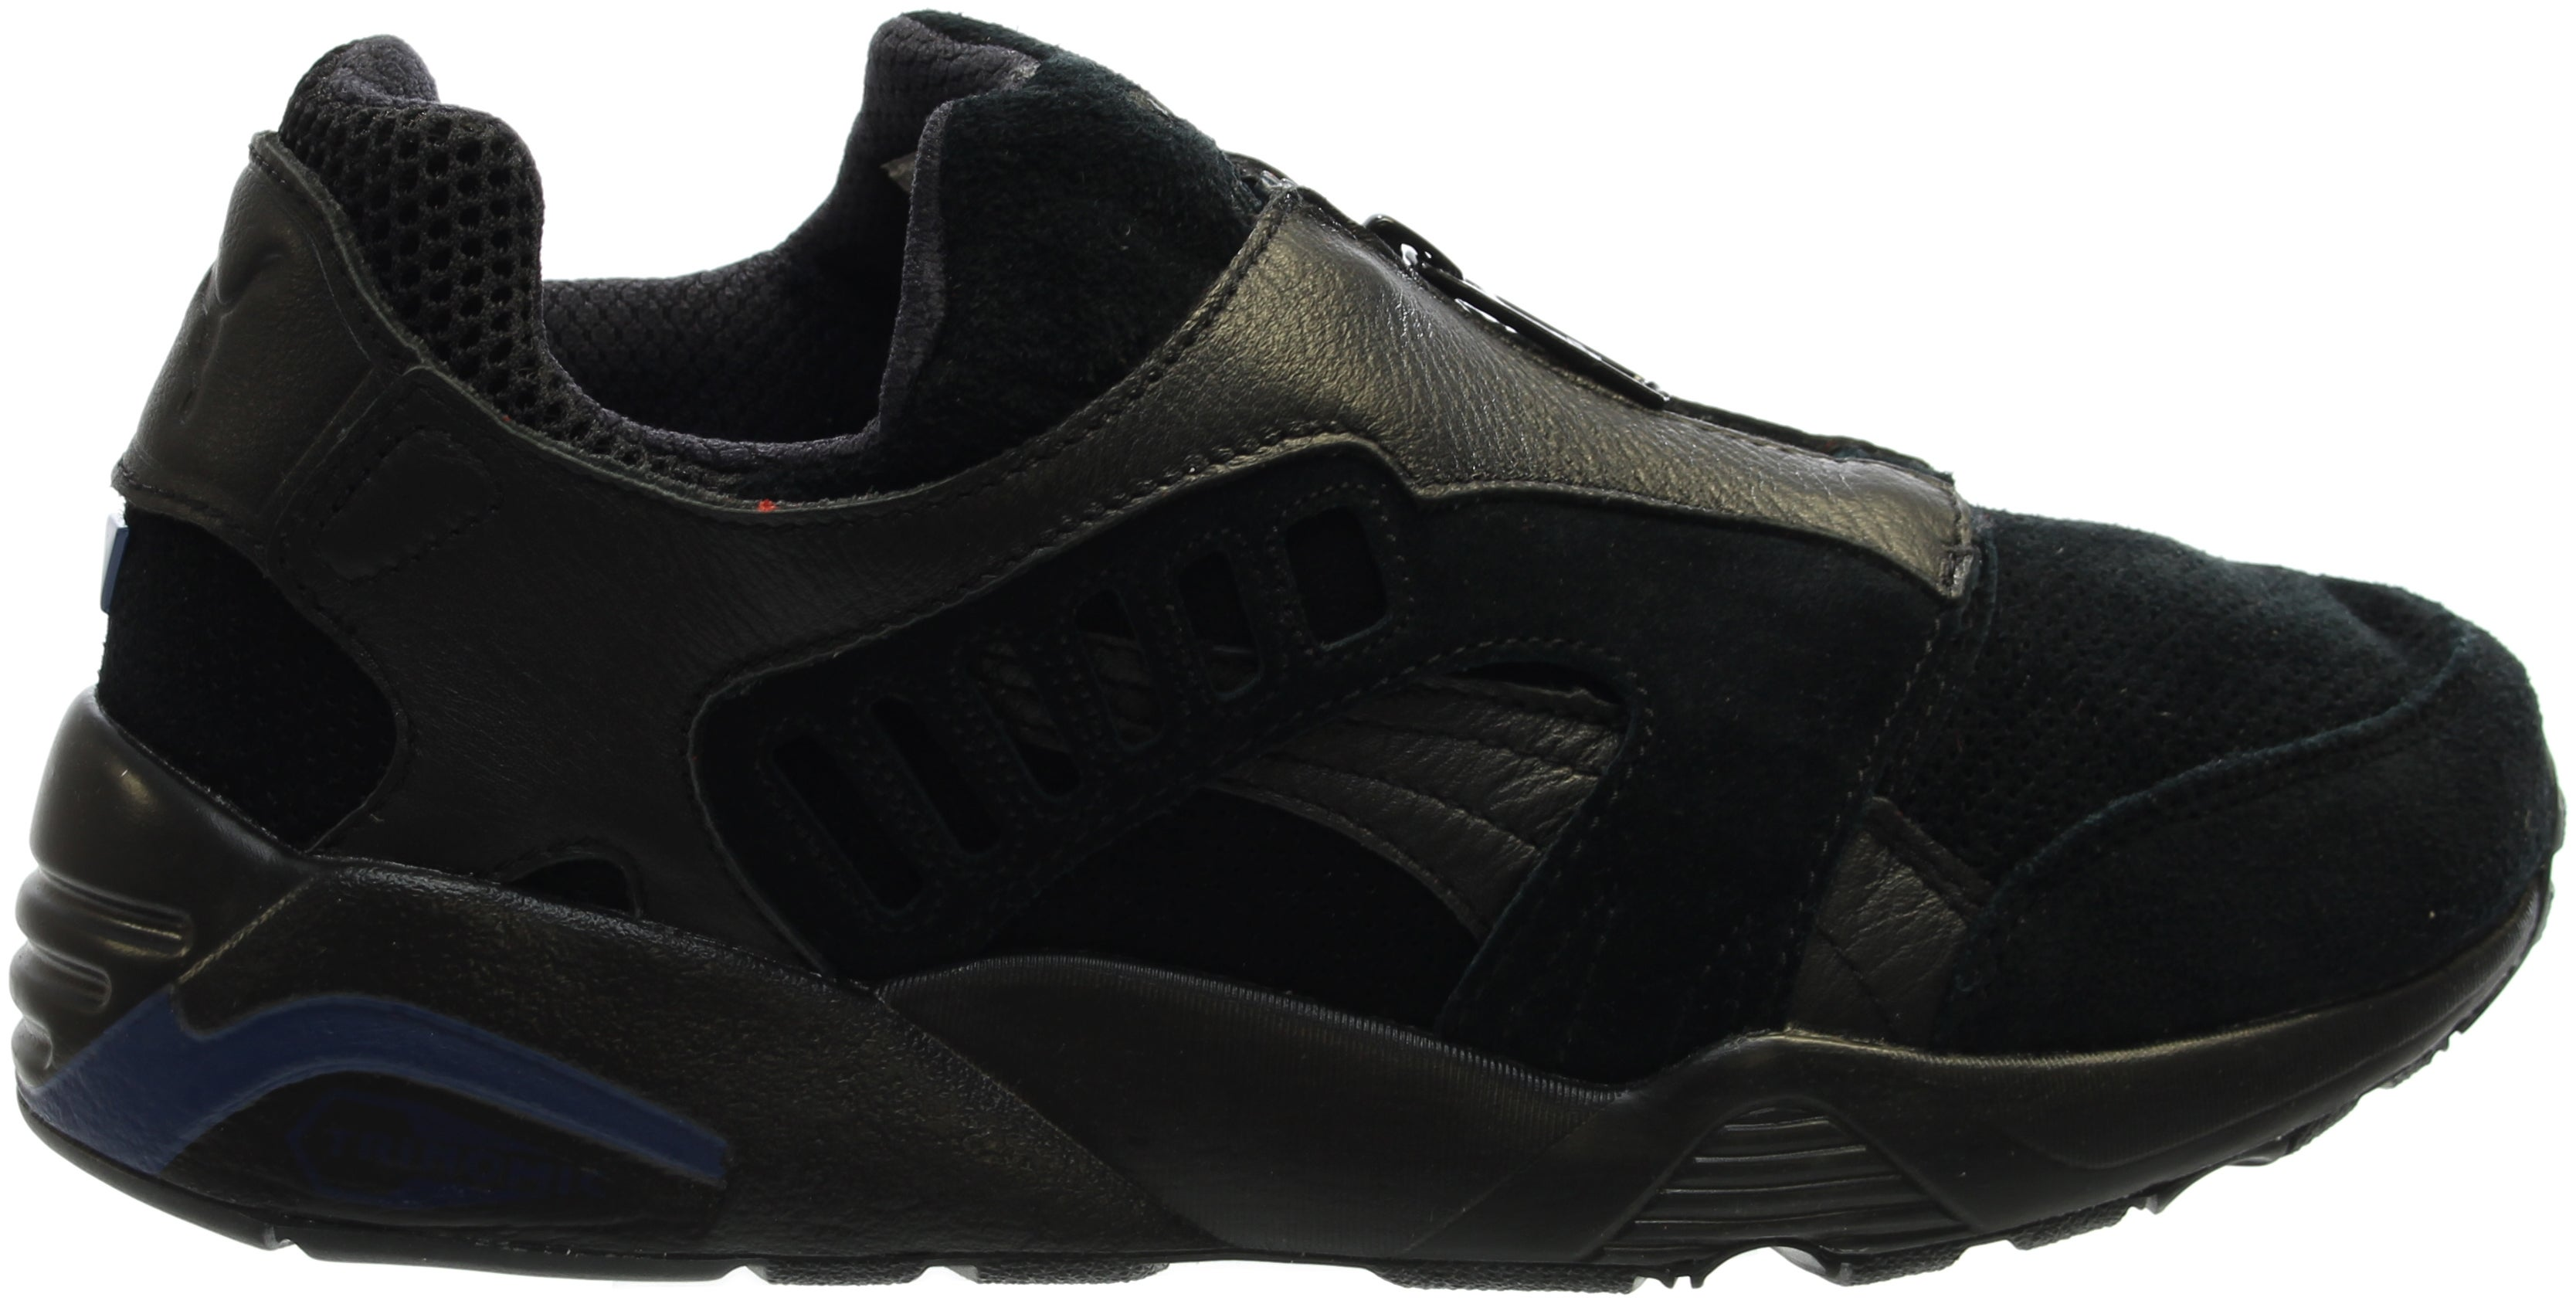 Puma Trinomic Zip Black - Mens  - Size 7.5